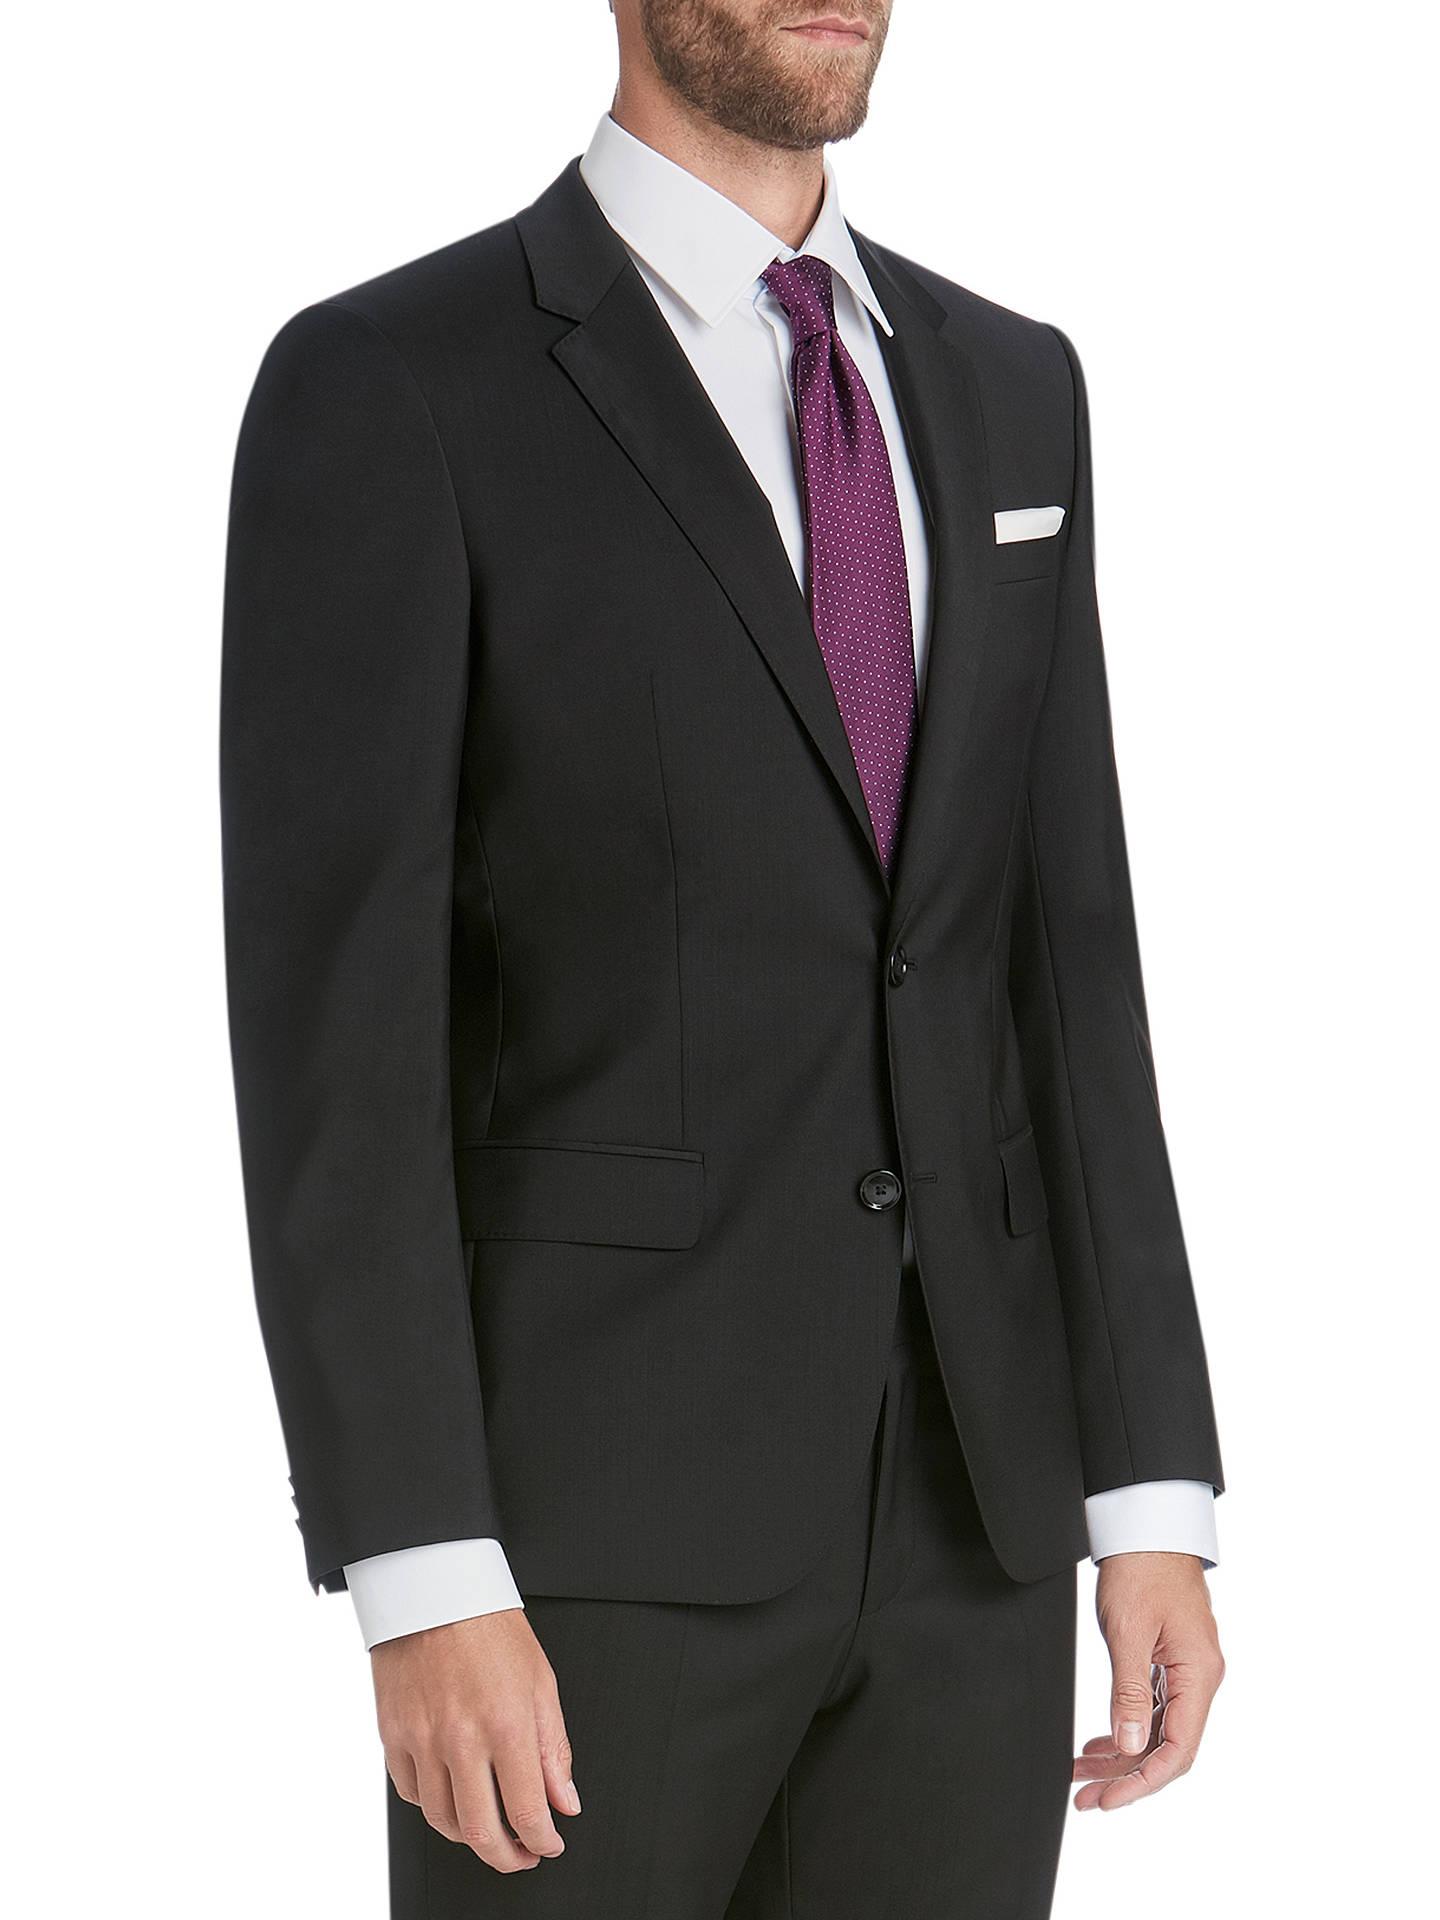 dfe4bdd27 Buy HUGO by Hugo Boss Virgin Wool Slim Fit Suit Jacket, Black, 34R Online  ...